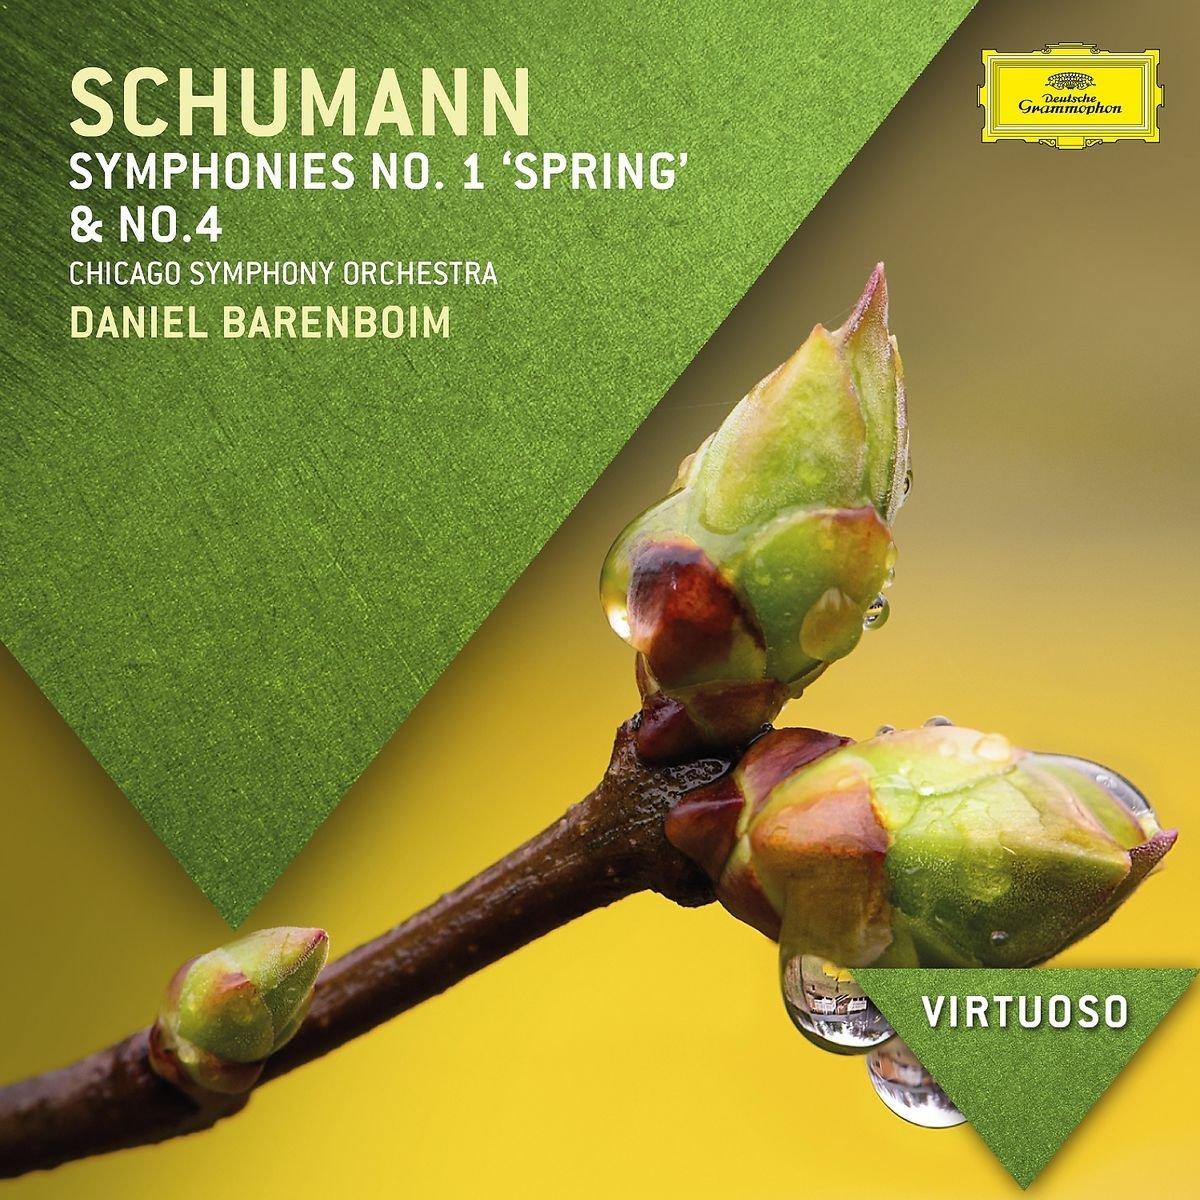 все цены на Дэниэл Баренбойм,Chicago Symphony Orchestra Daniel Barenboim. Schumann. Symphonies Nos. 1